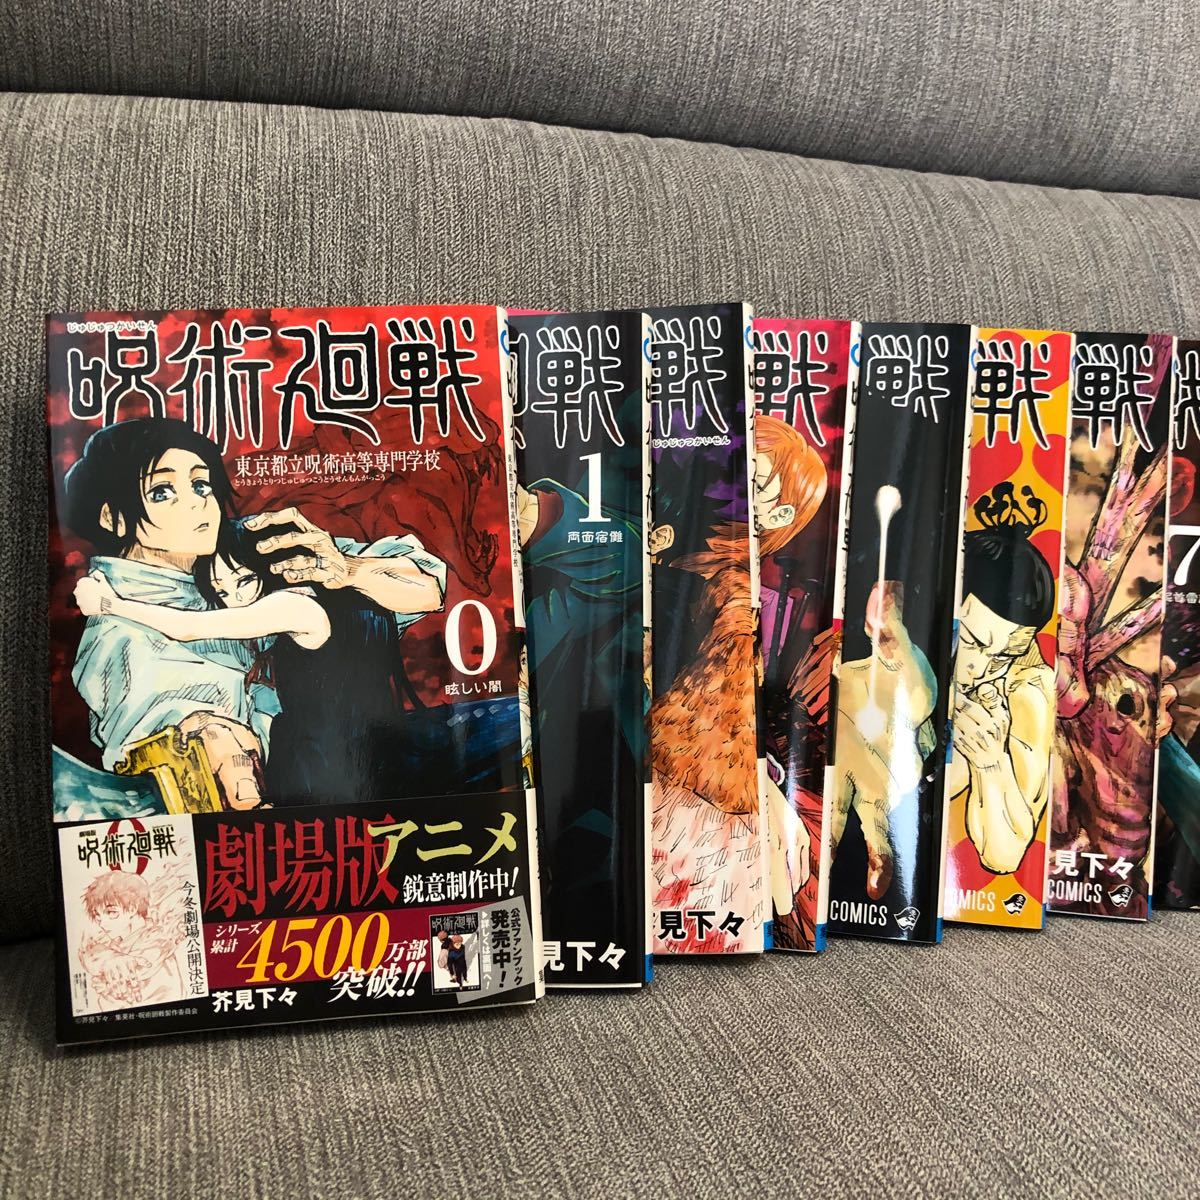 呪術廻戦 漫画  0巻〜15巻 コミック 単行本 全巻セット